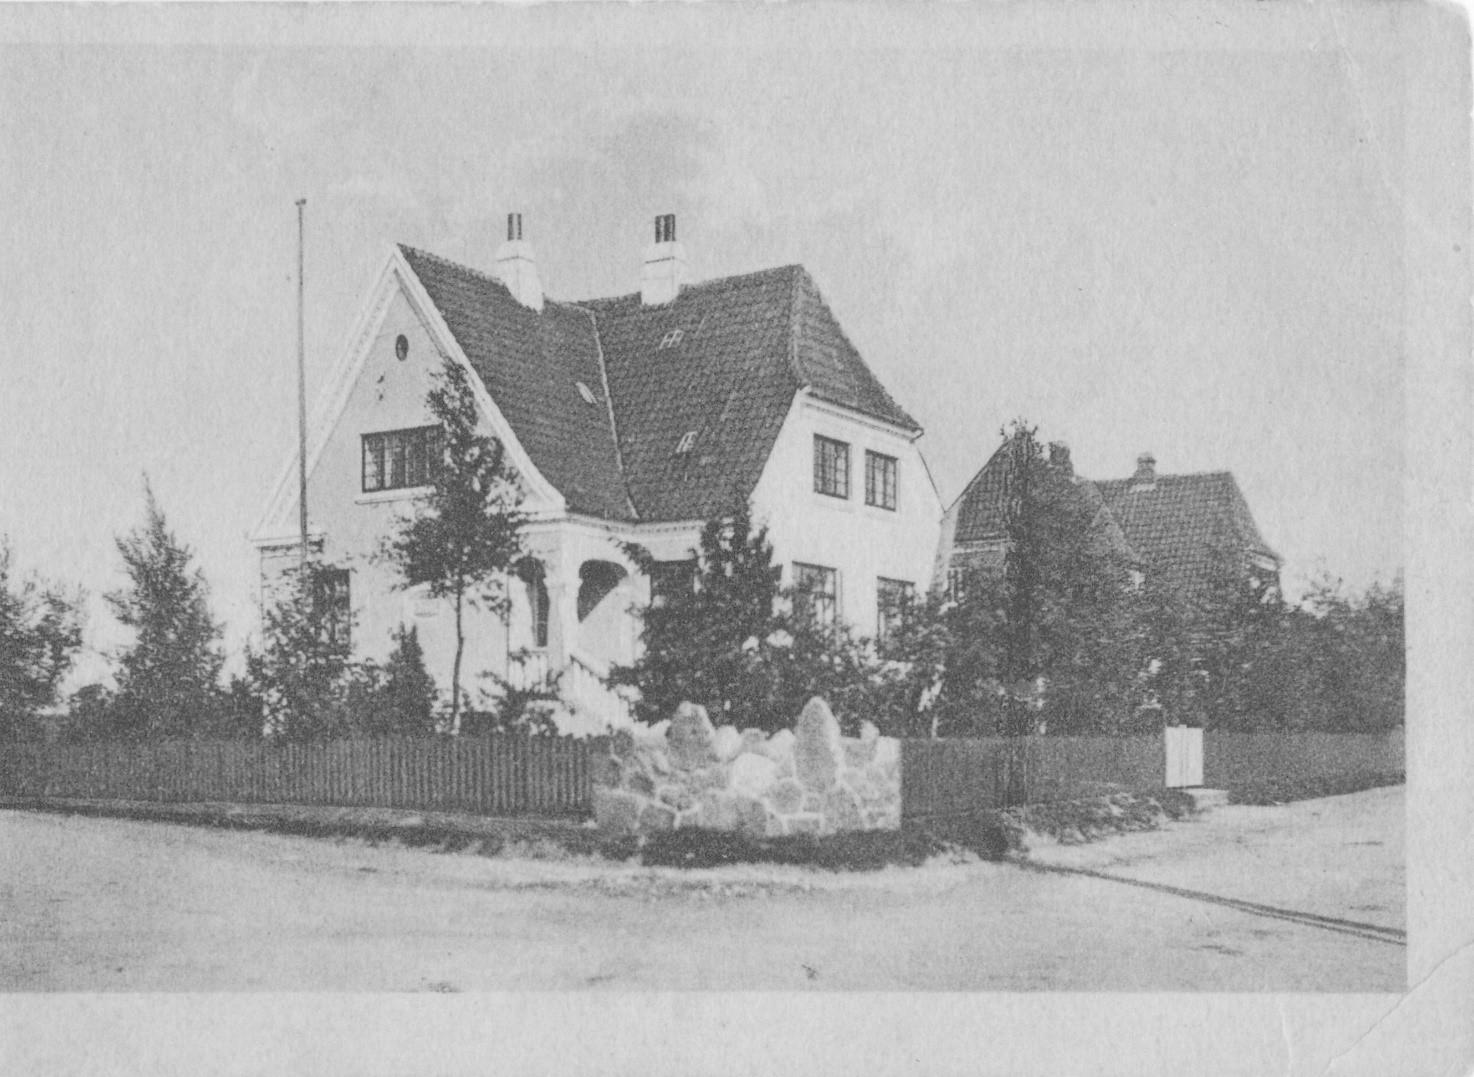 Huset på hjørnet af Gramrodevej og Bjerrevej. Her fotograferet i midten af 1930-erne. Huset blev bygget i 1915 af murermester Chr. Bøttker. Fra 1918 brugte Vejle Amt huset som bolig for jordemoderen.